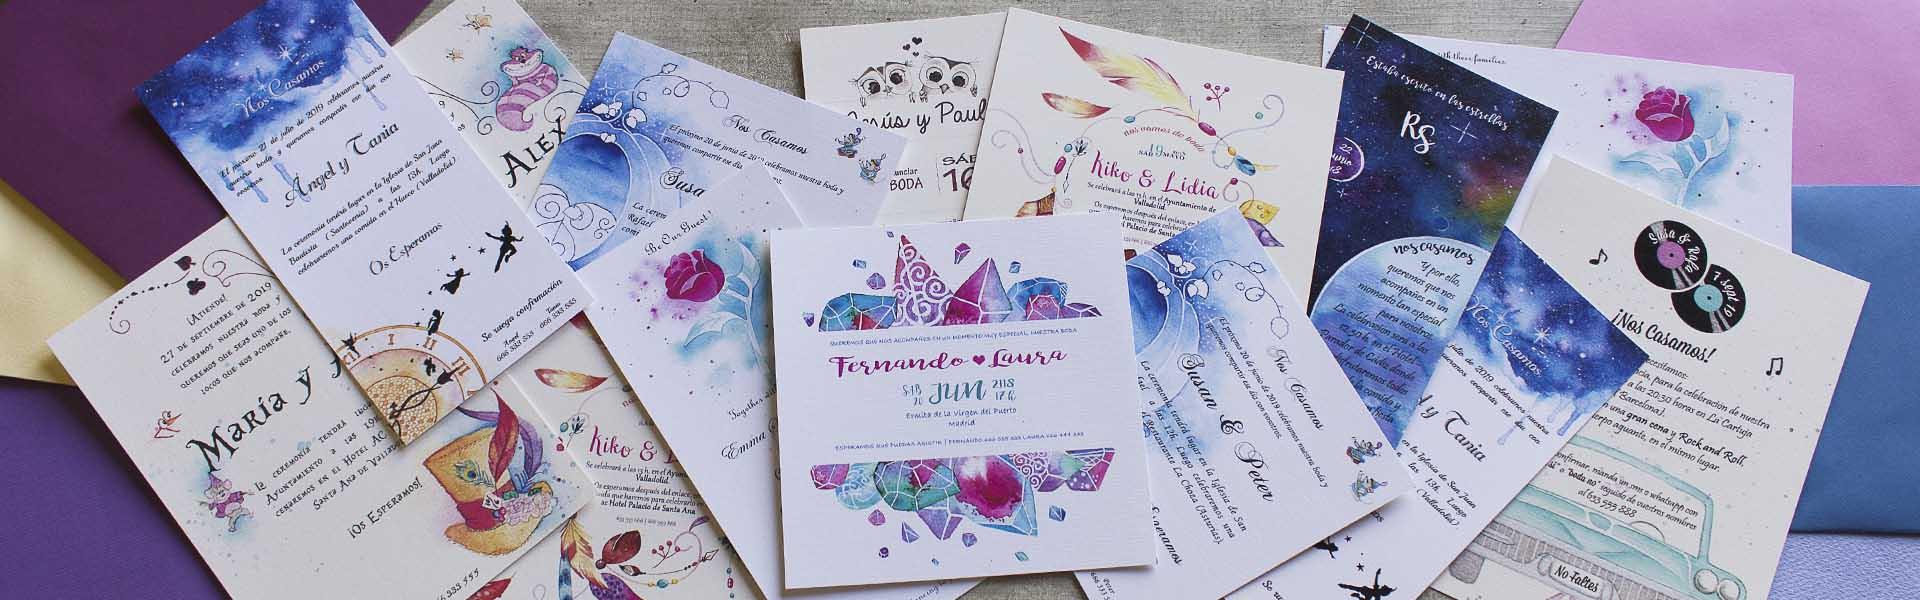 Invitaciones de Boda Ilustradas - Lápiz Creativo